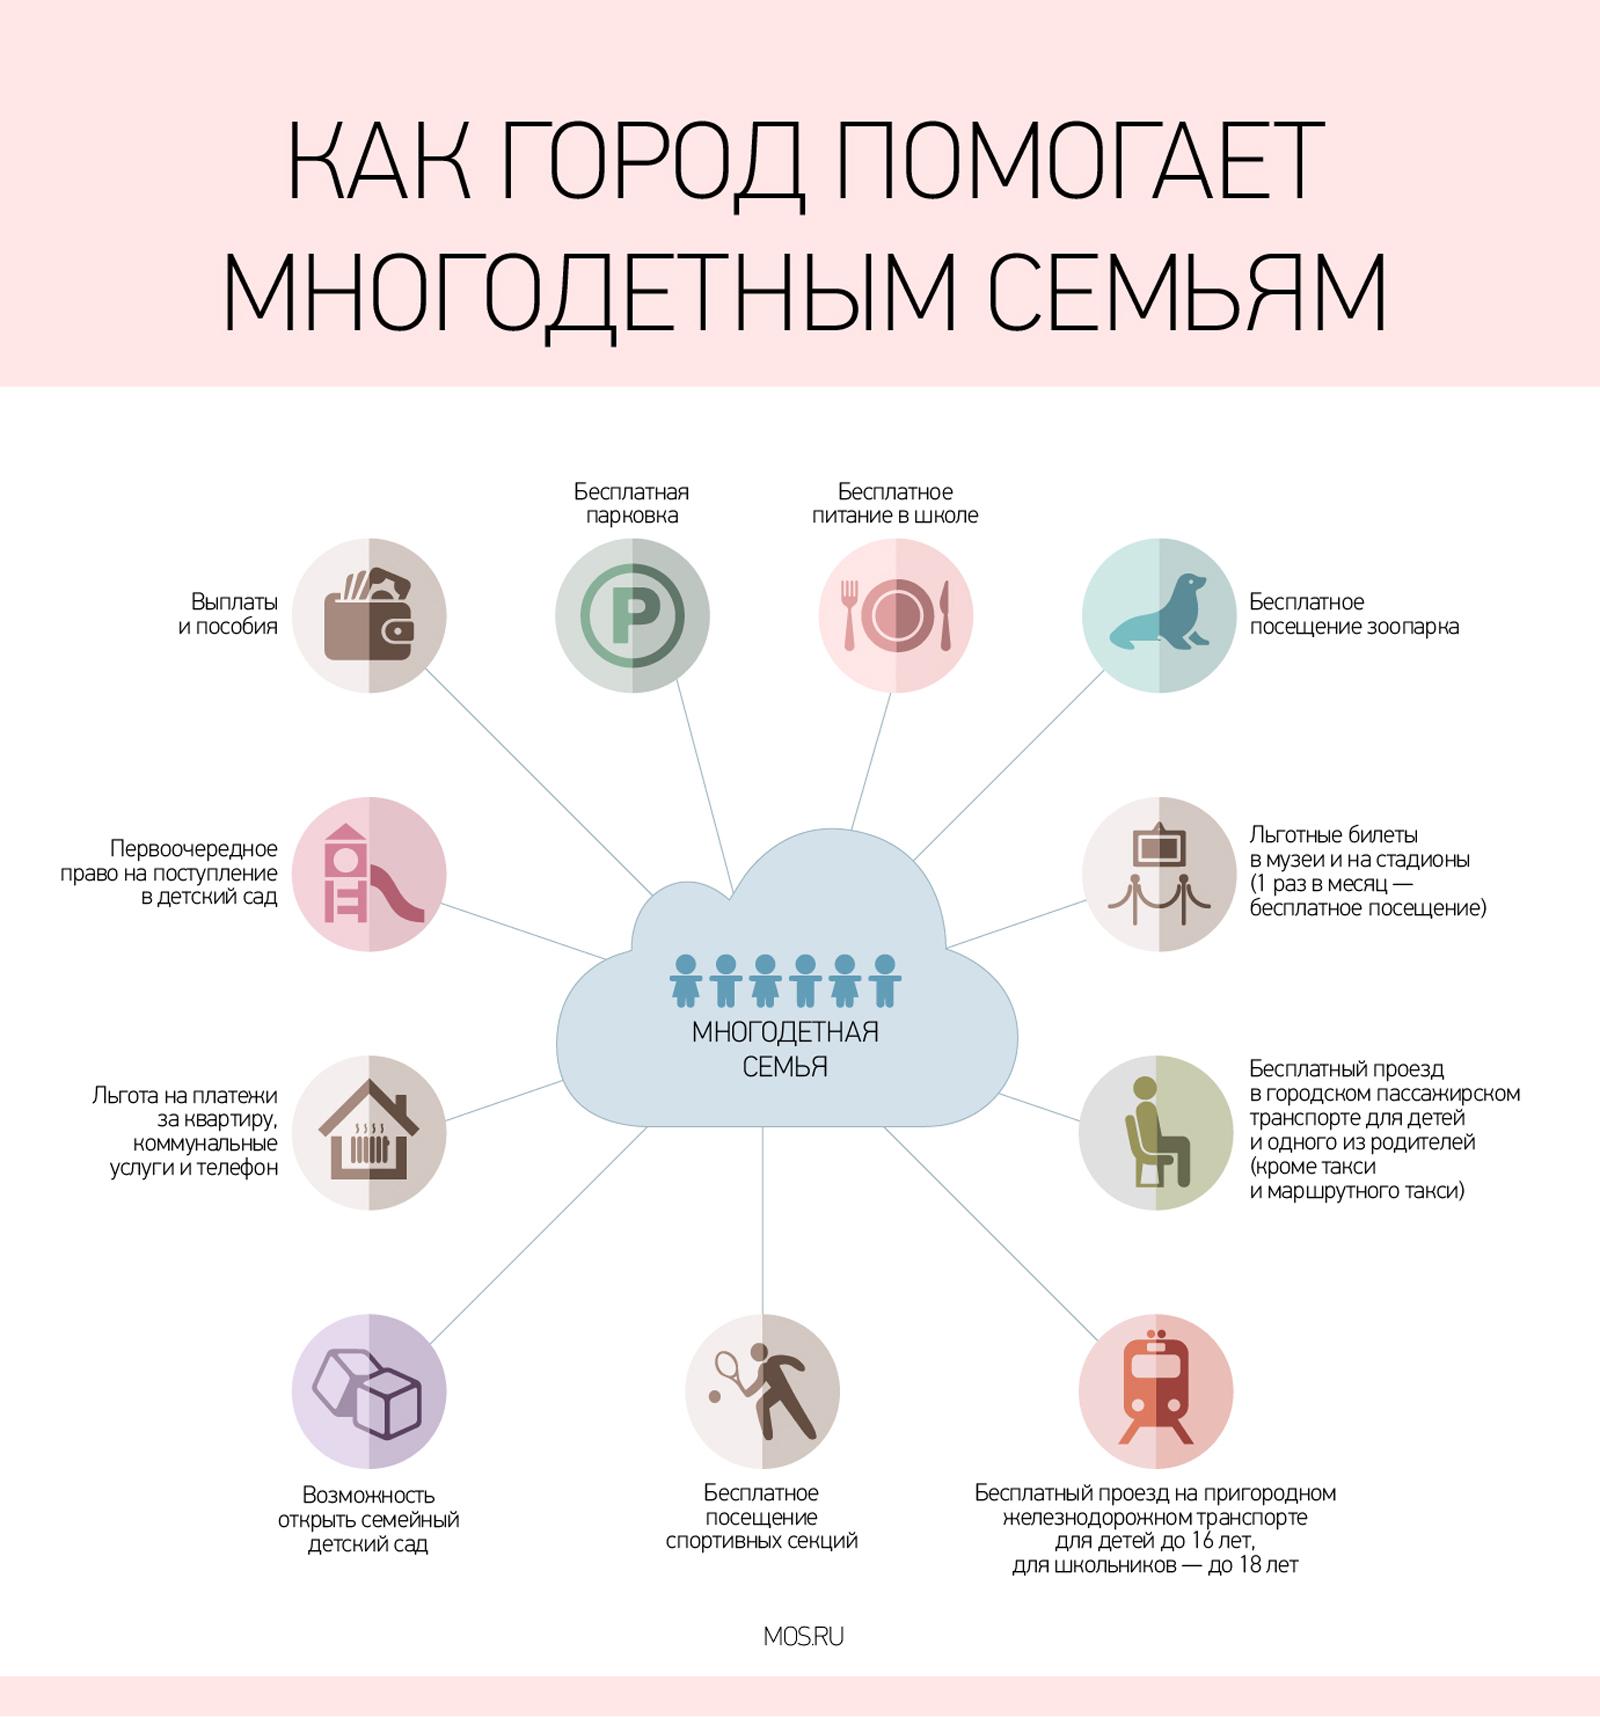 ᐉ как получить статус многодетной семьи в москве в 2020 году. mainurist.ru